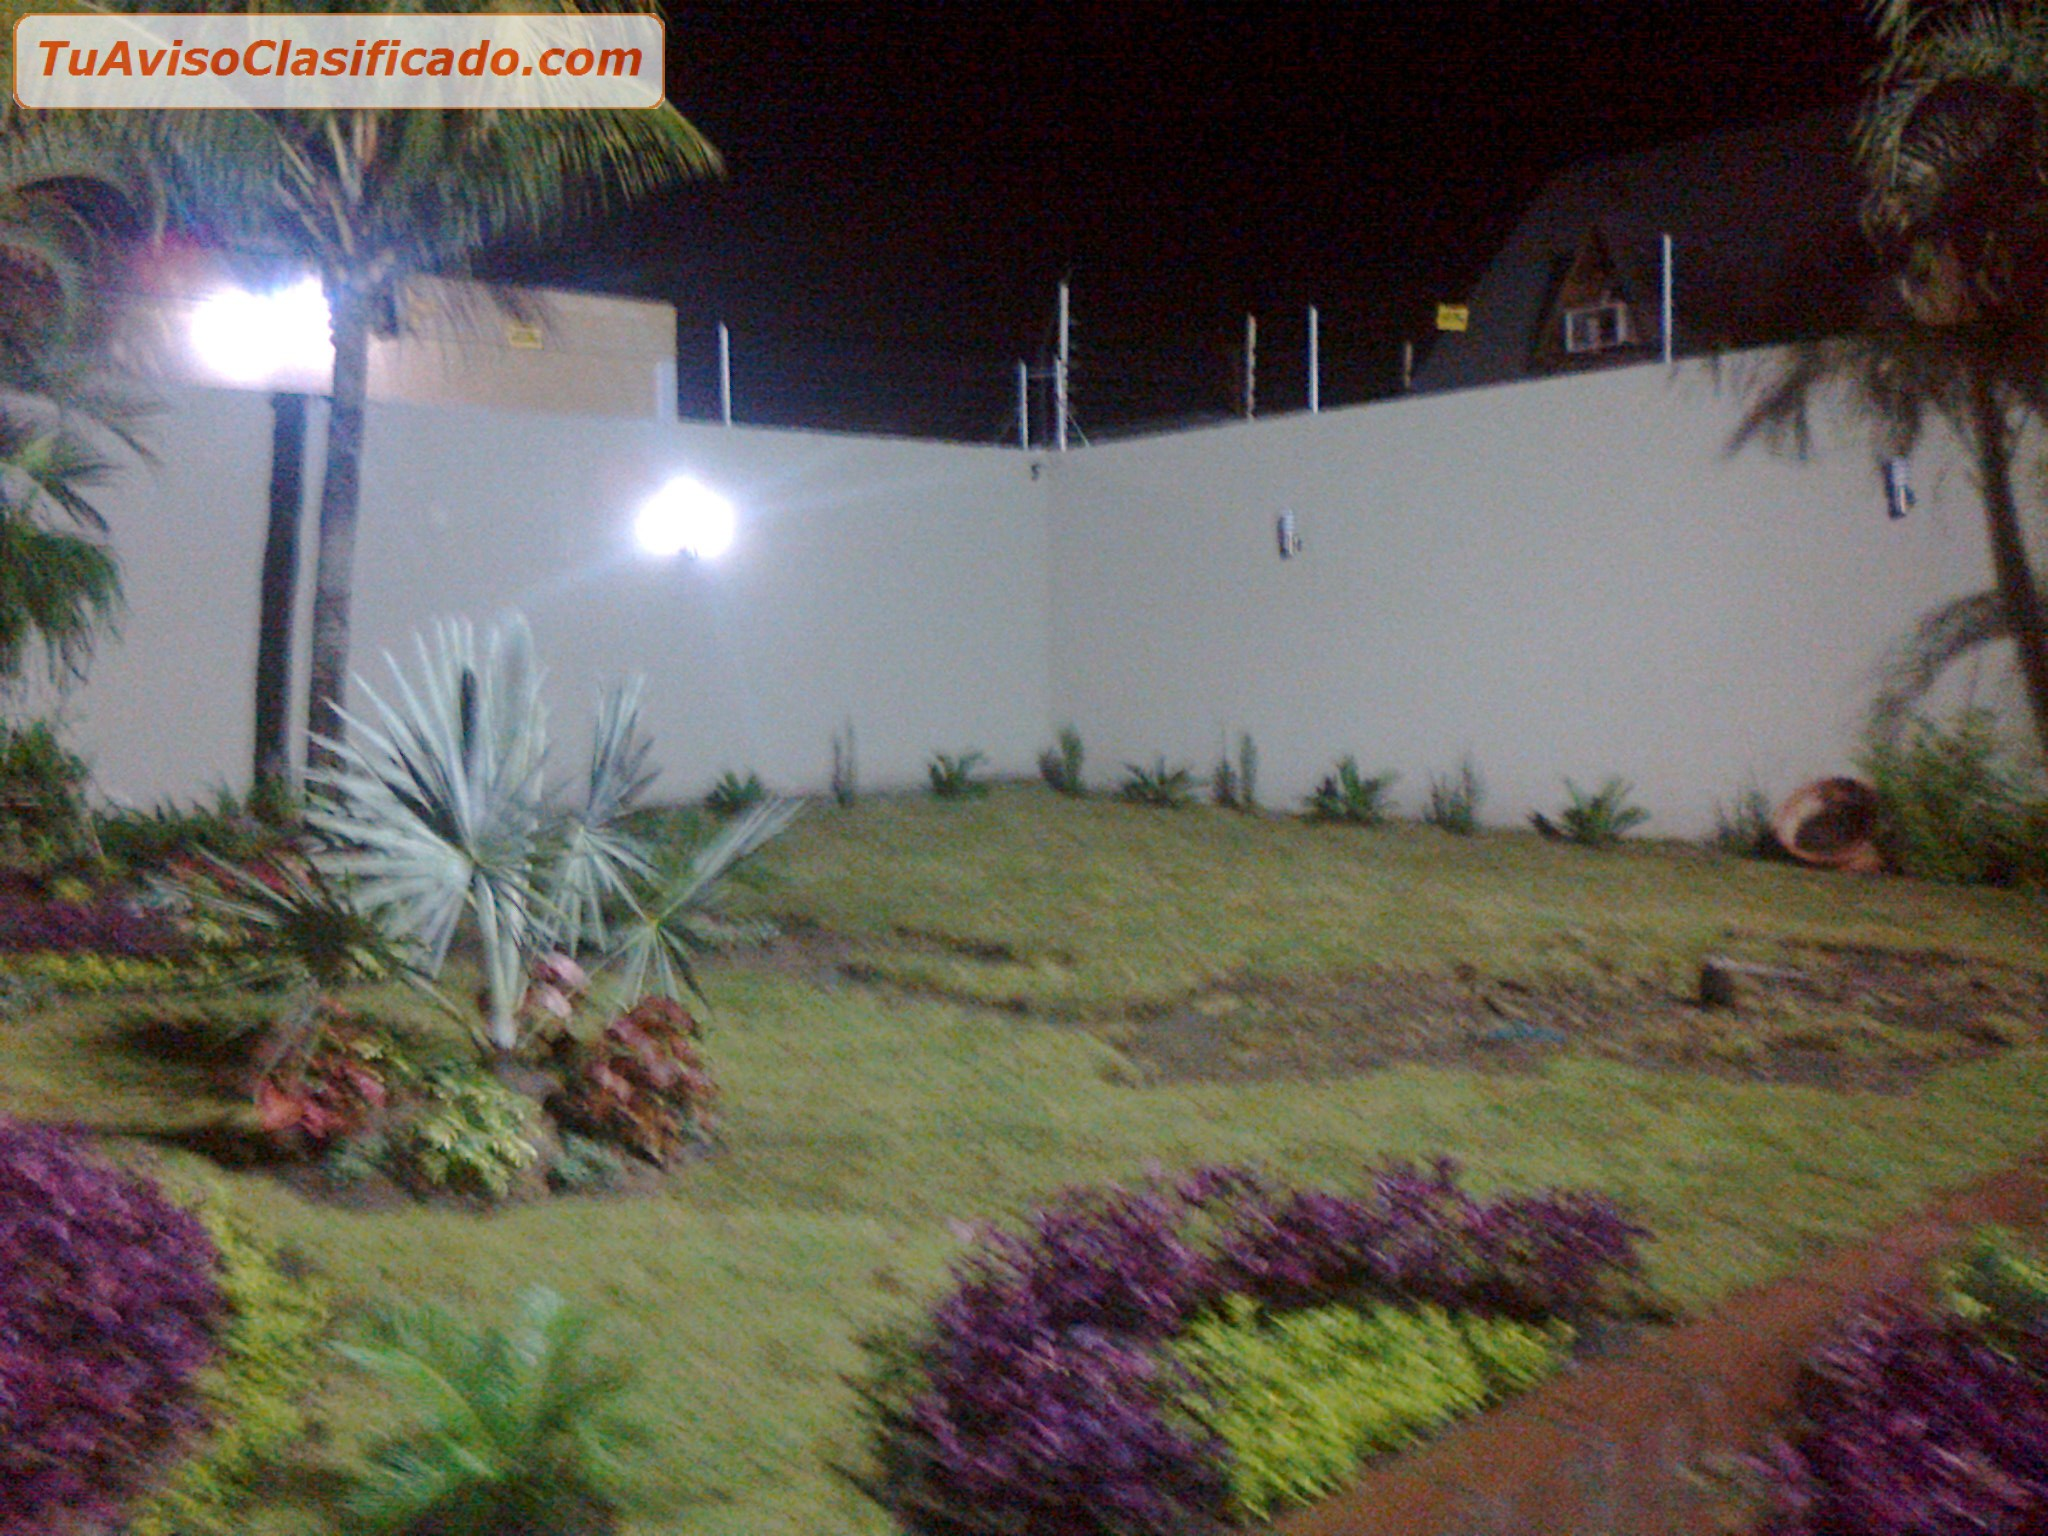 Plantas y semillas de jard n y viveros en Viveros y jardines